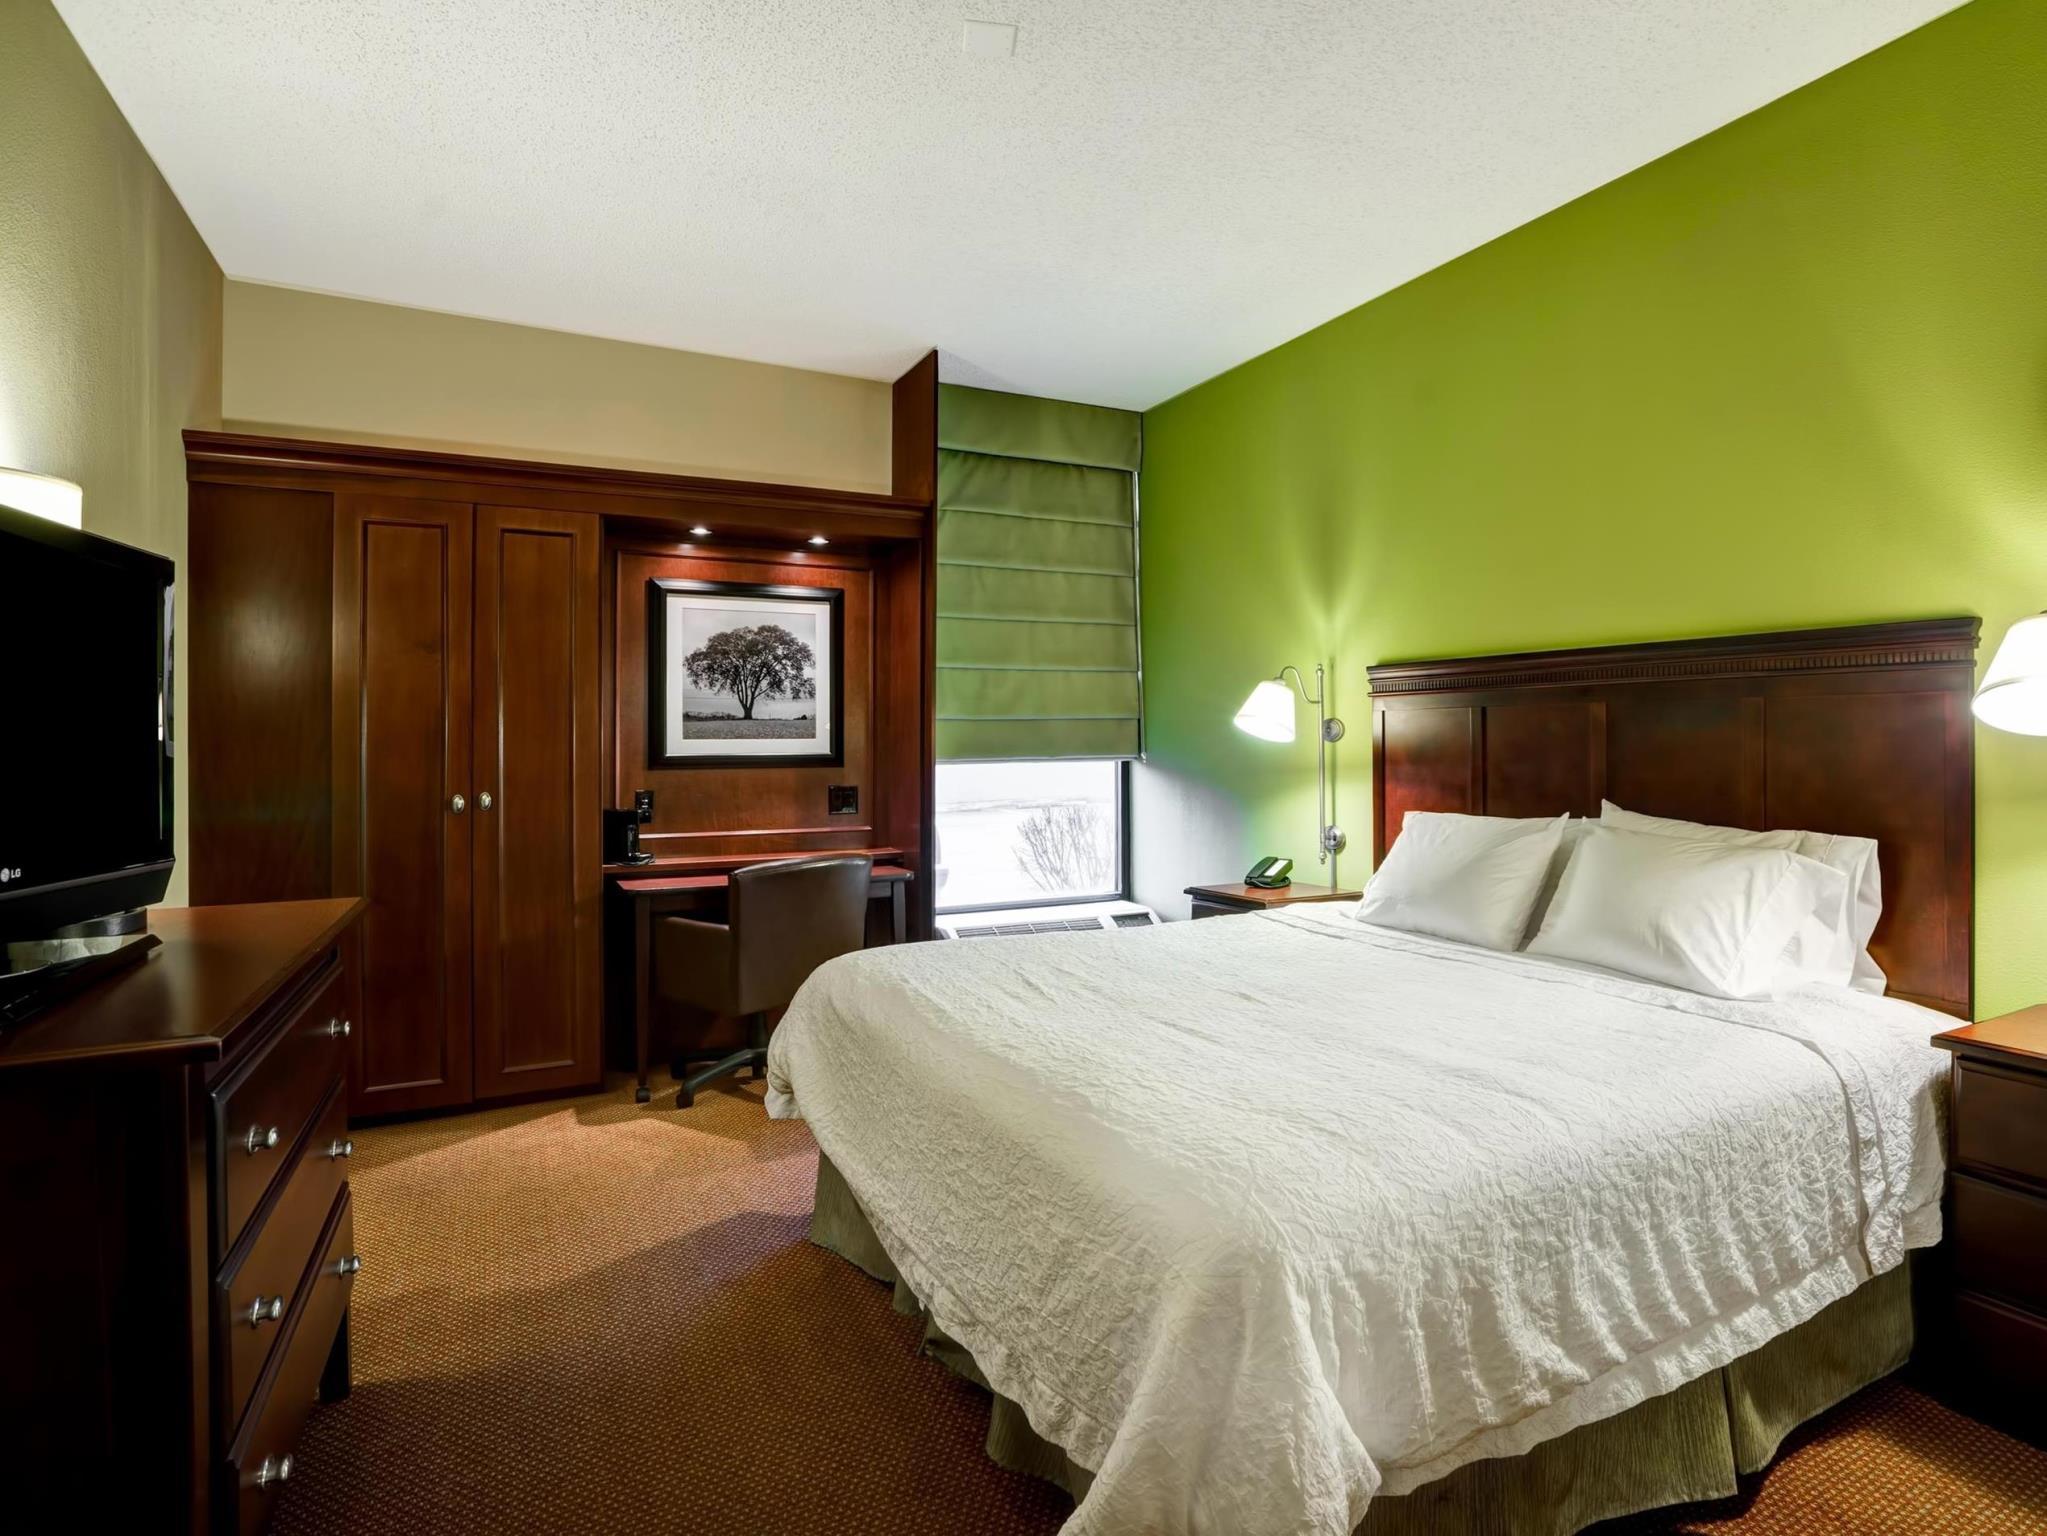 Best Price on Hampton Inn Morgantown in Morgantown (WV) + Reviews